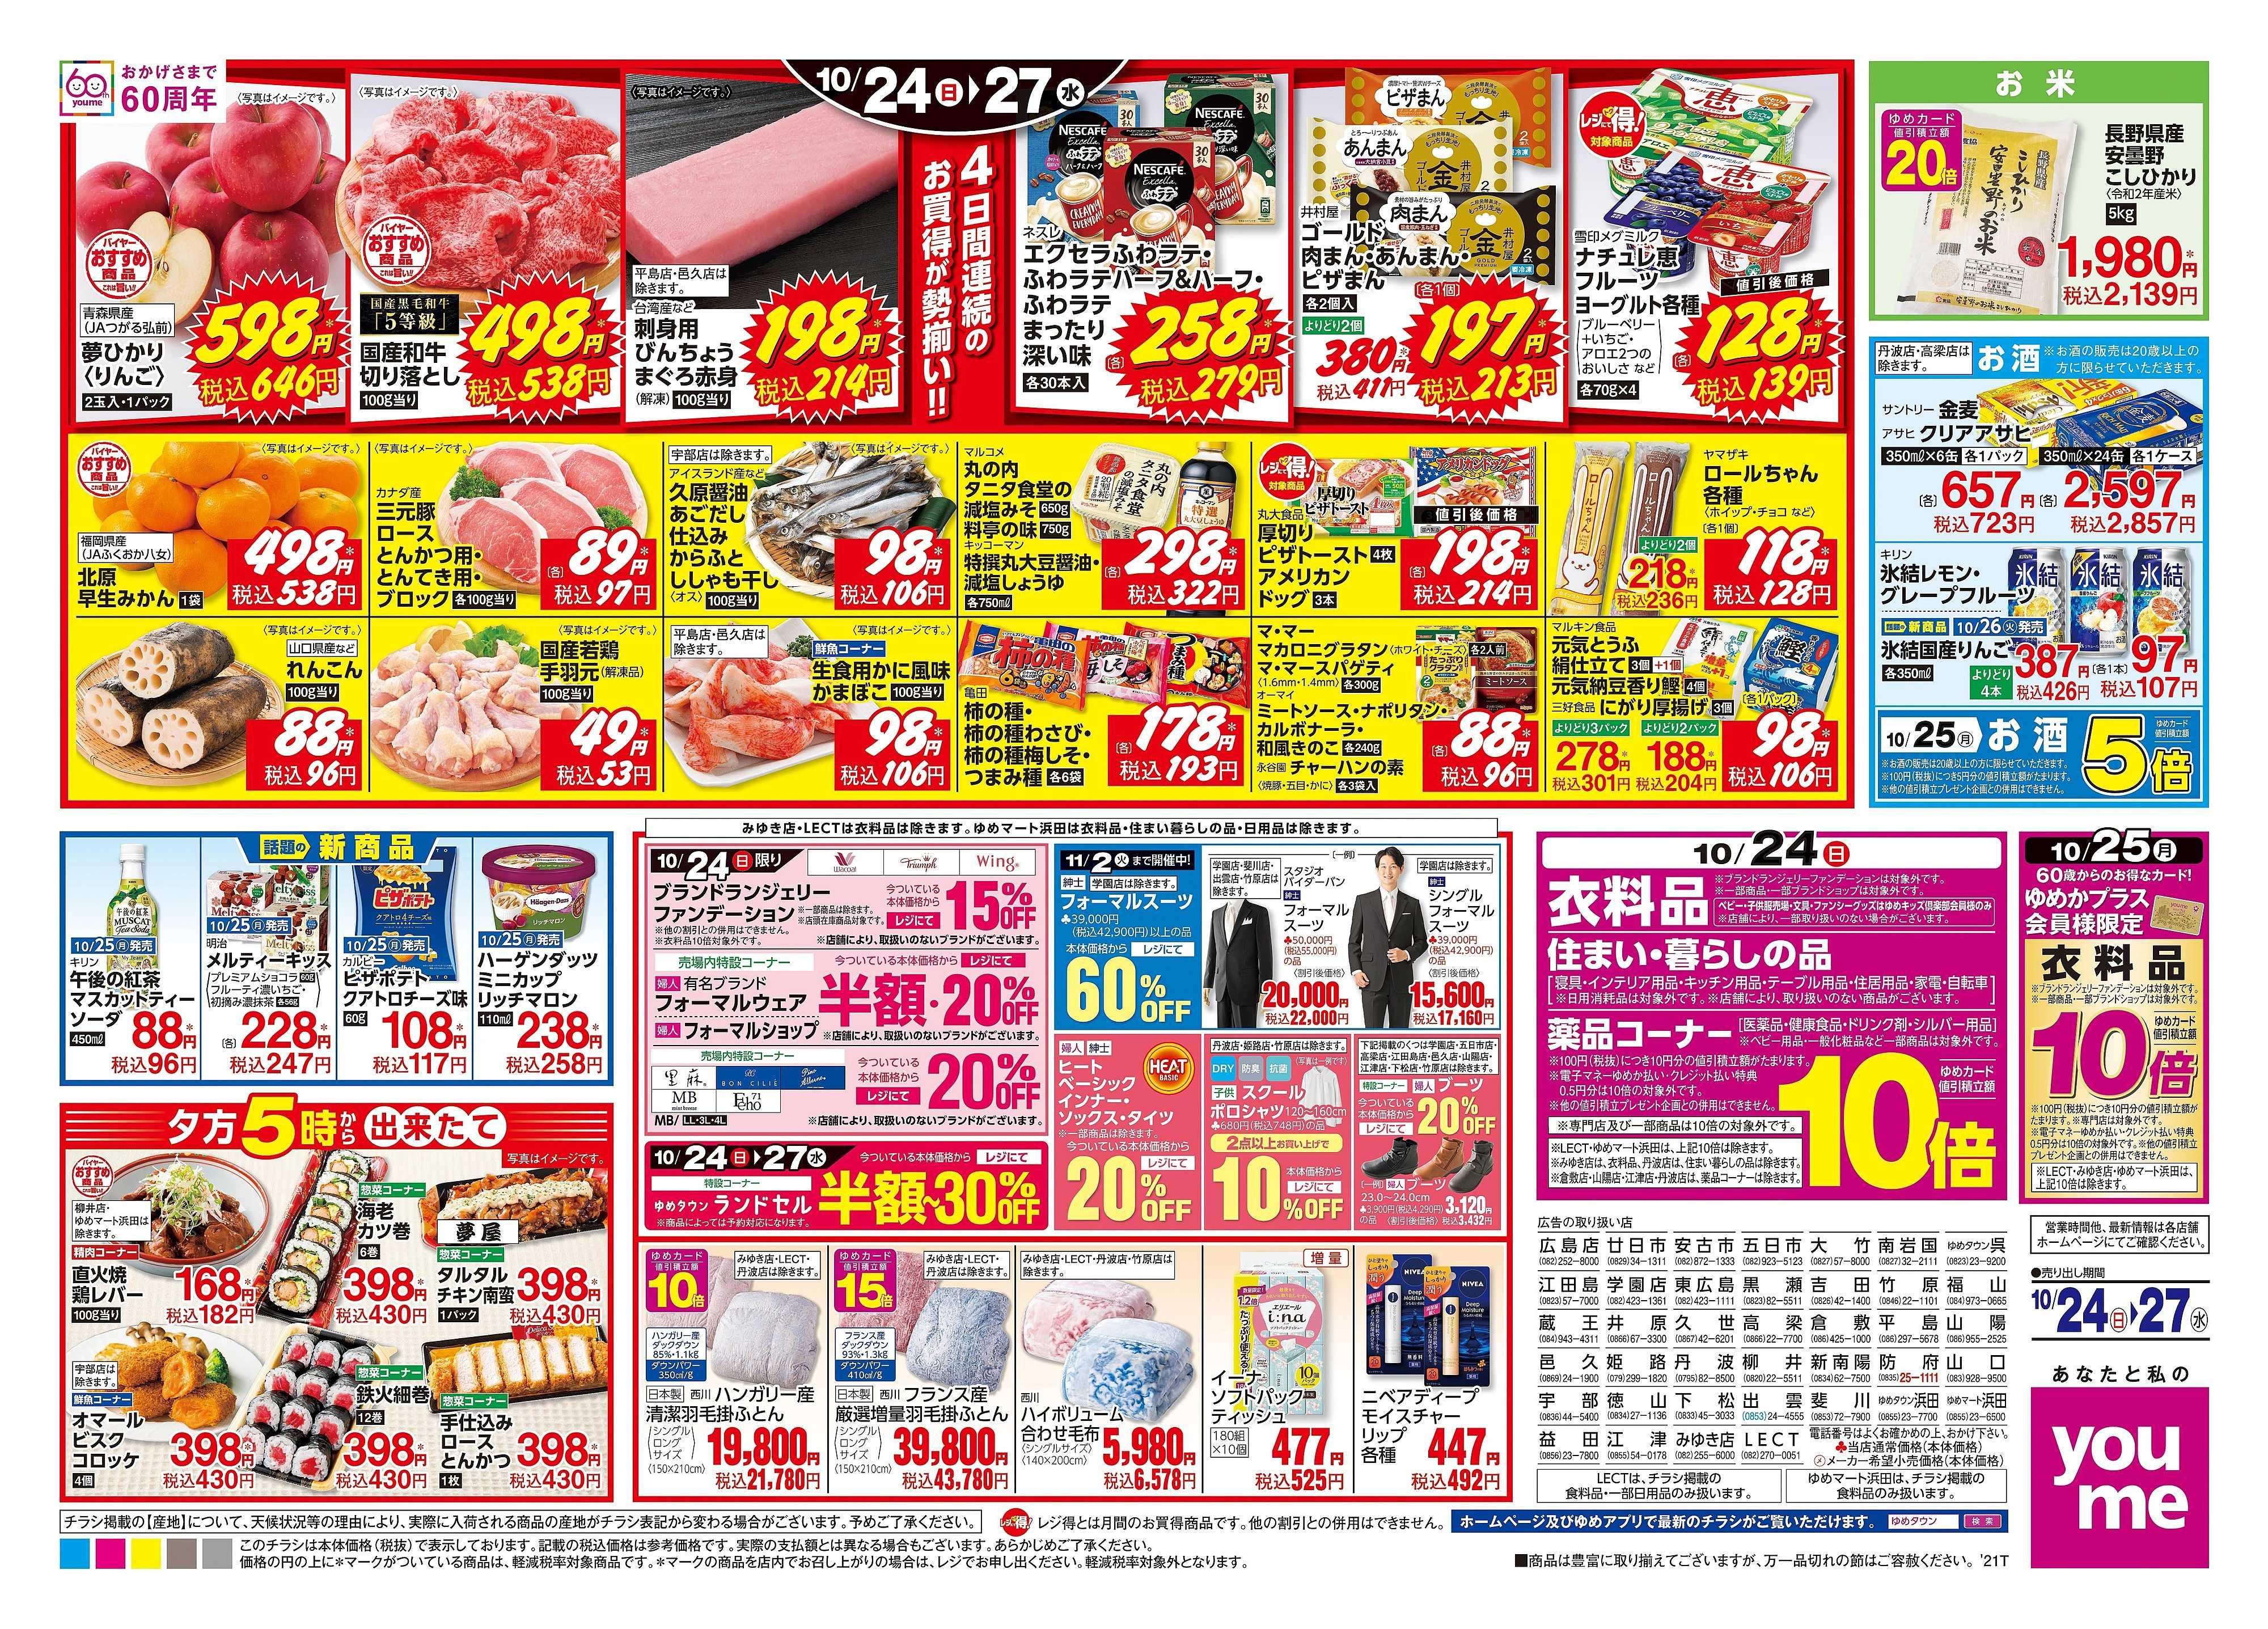 ゆめタウン 10/24(日)-10/27(水)